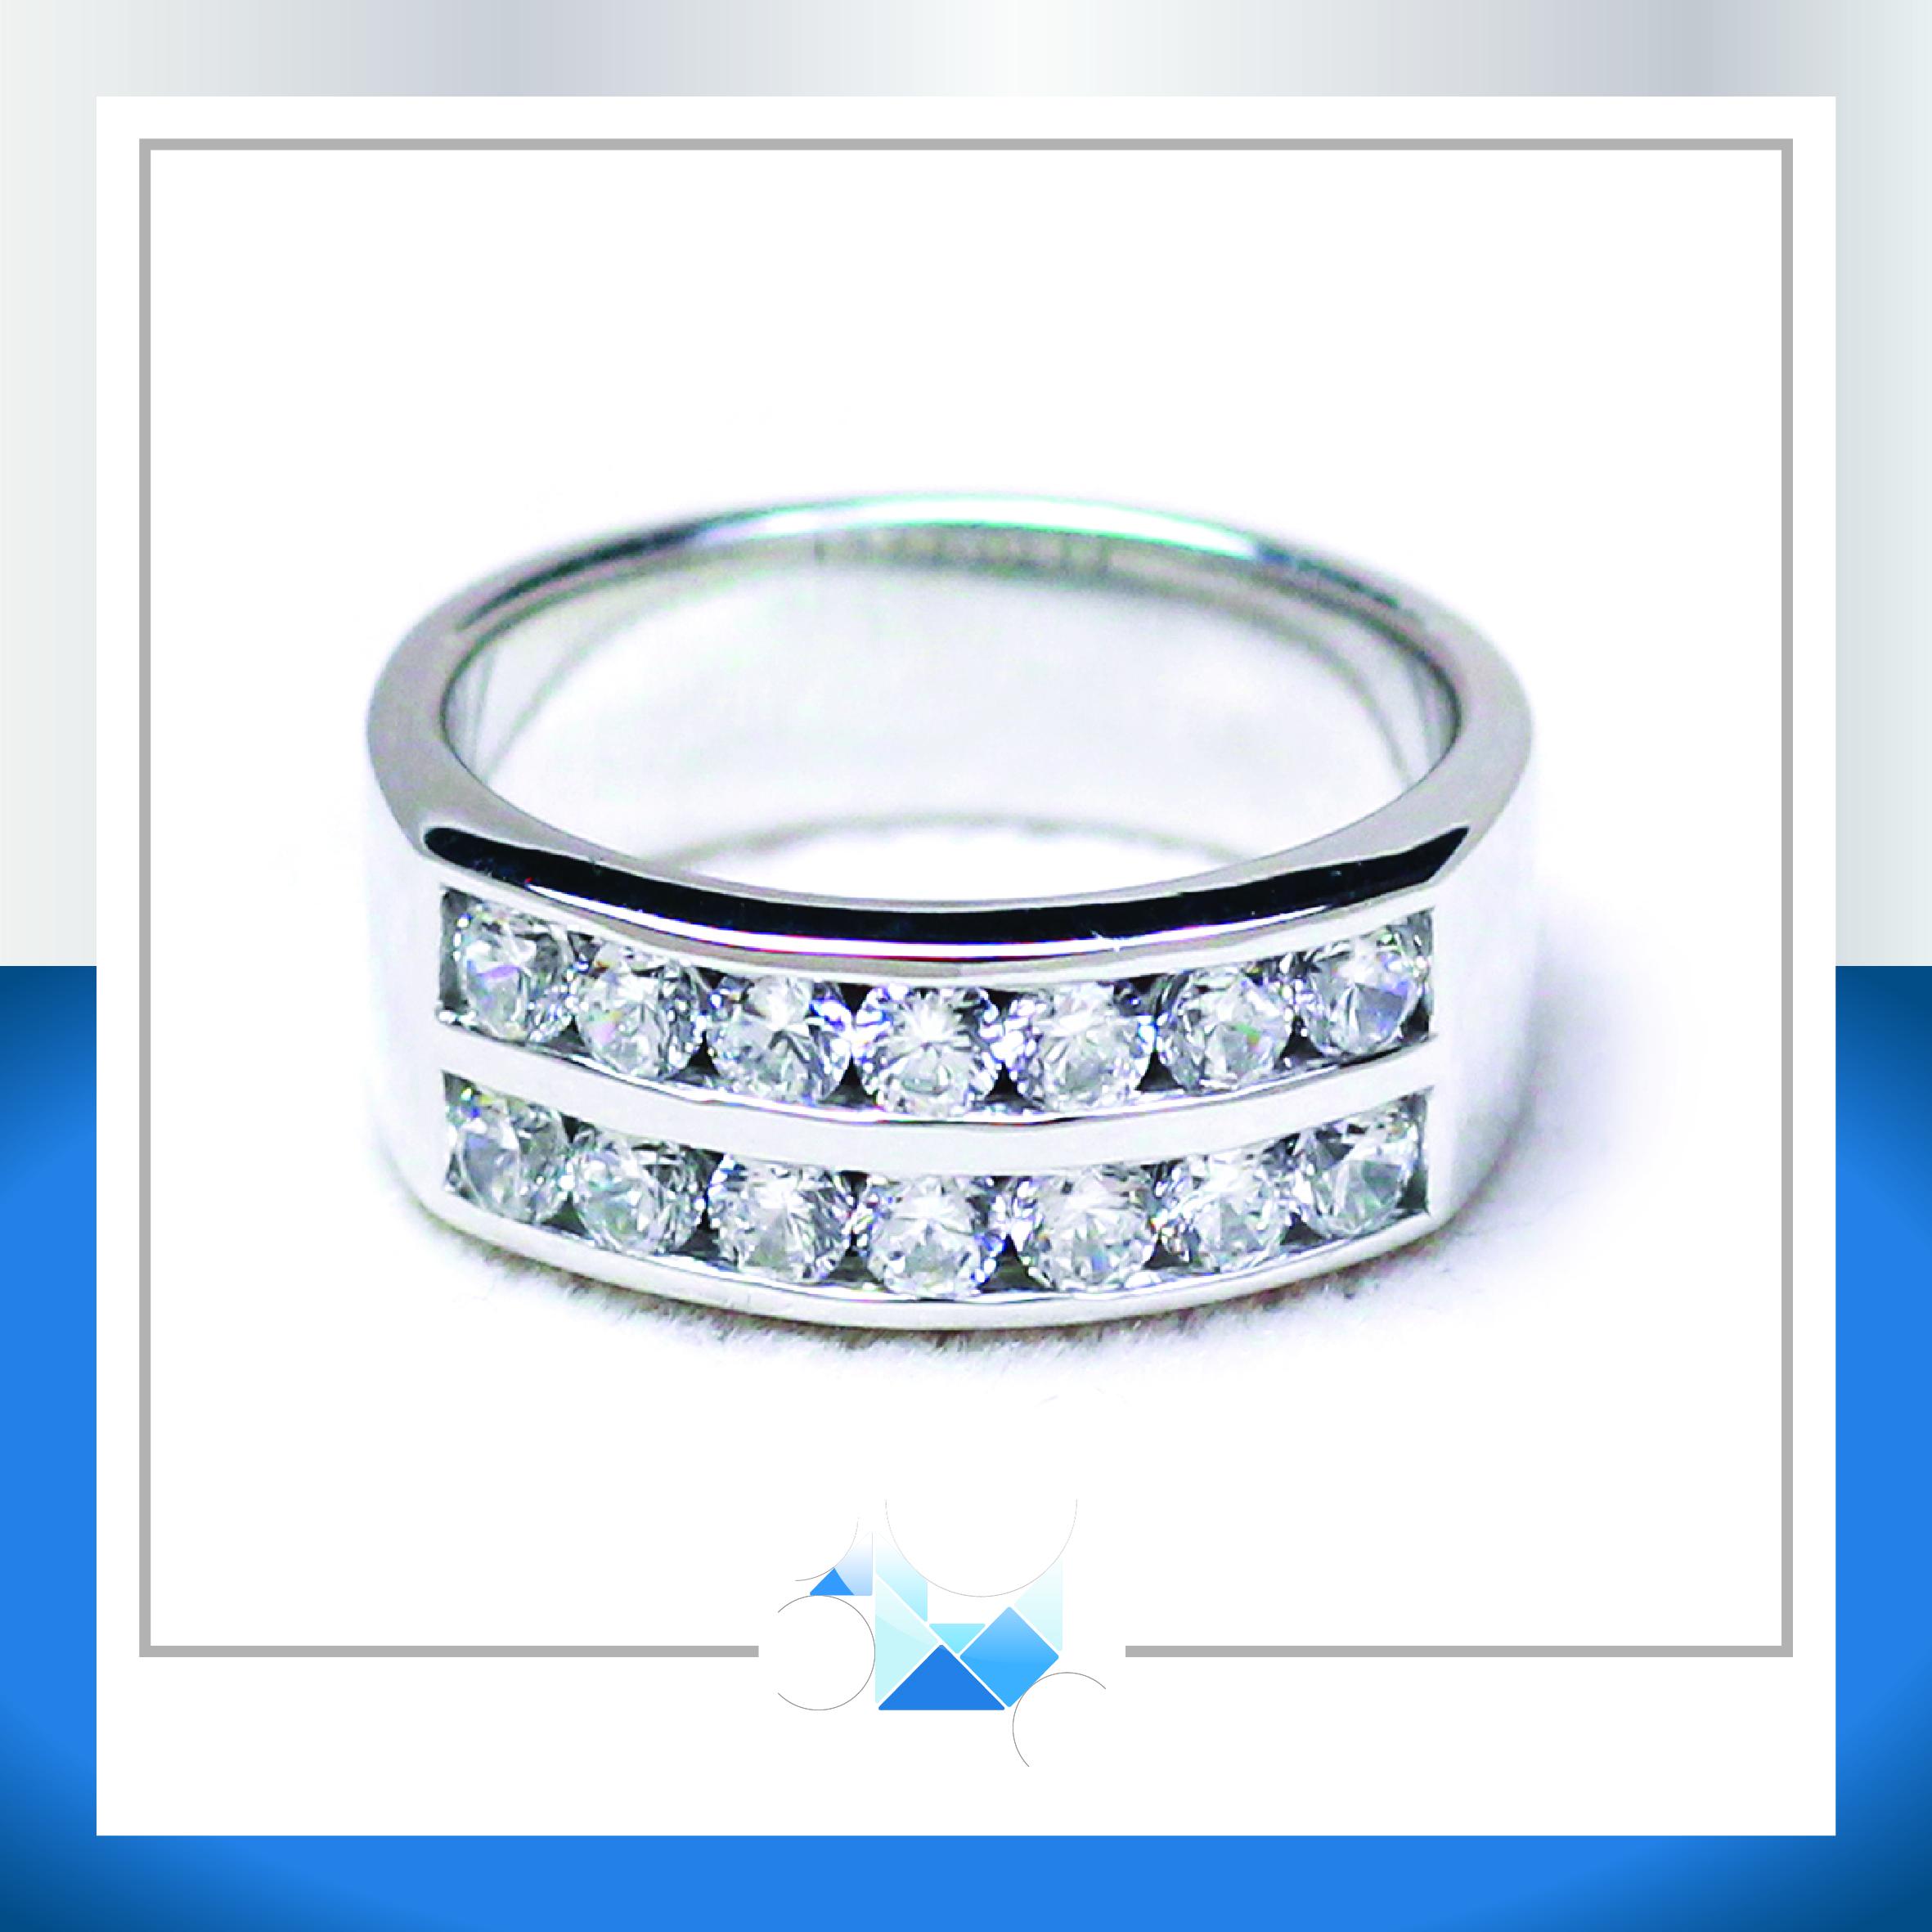 แหวนเงินแท้ เพชรสังเคราะห์ ชุบทองคำขาว รุ่น RG1524 SkyLine